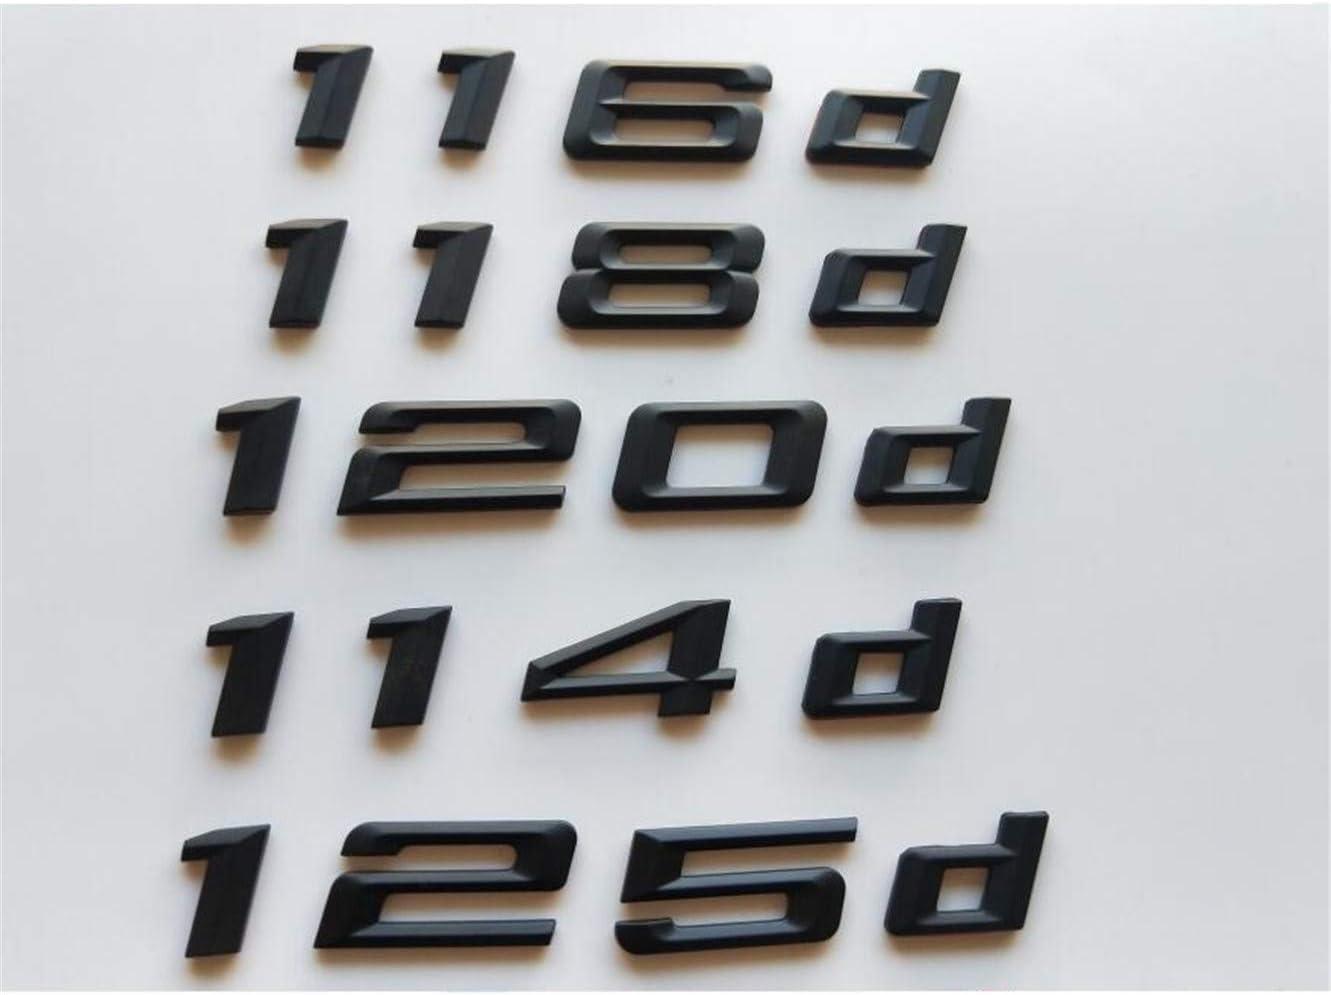 125d cvnbdfgjhdfjh Noir 112d 114d 116d 118d 120d 125d 130d embl/ème Embl/èmes Arri/ère Num/éro Lettres Badges s/érie E81 E82 E83 E87 E88 F20 F21